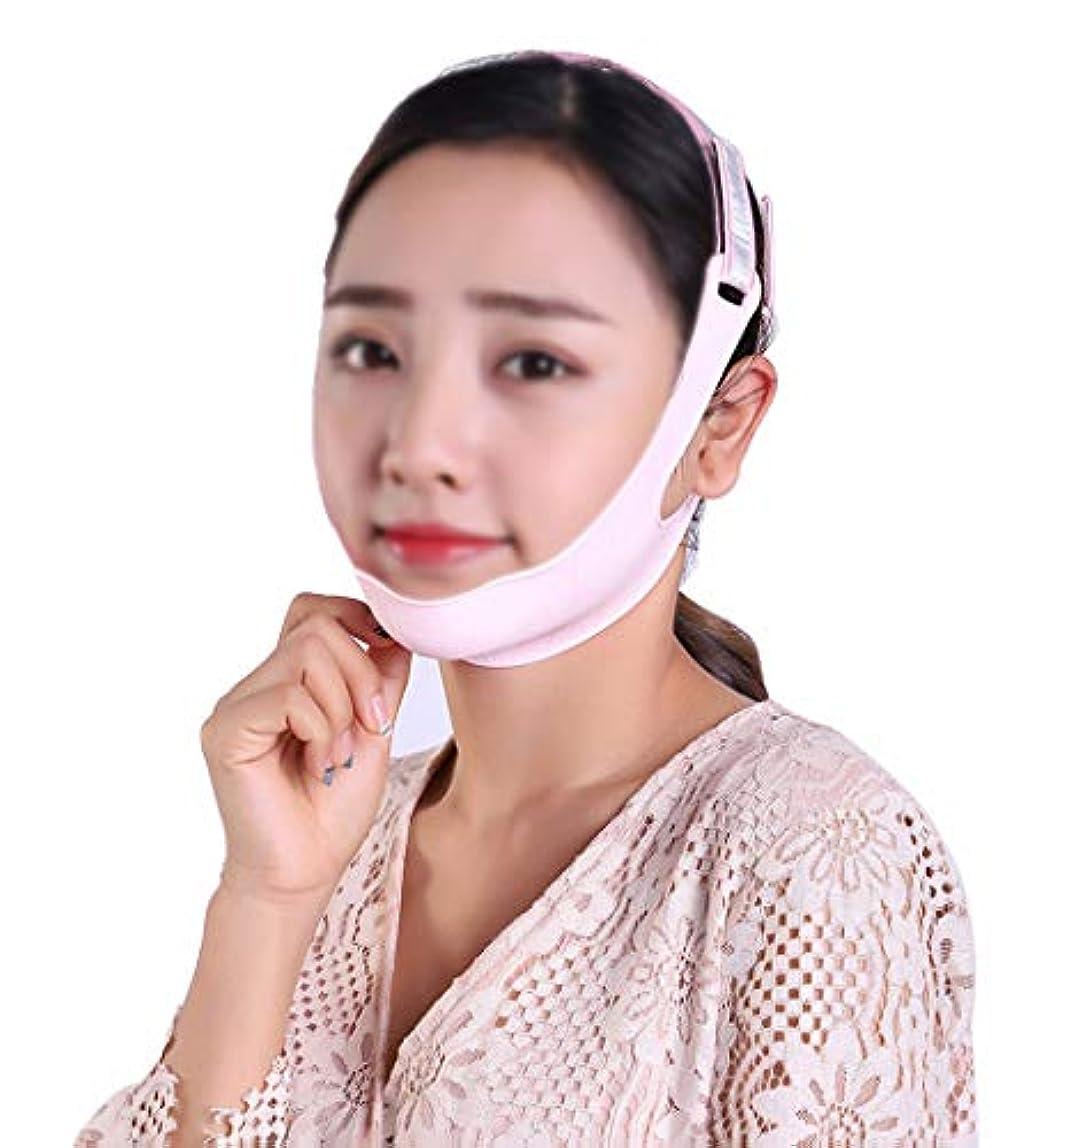 邪悪な休日ビジョンTLMY フェイシャルリフティングマスクシリコンVマスク引き締めフェイシャル包帯スモールVフェイスアーティファクト防止リラクゼーションフェイシャル&ネックリフティング 顔用整形マスク (Size : M)